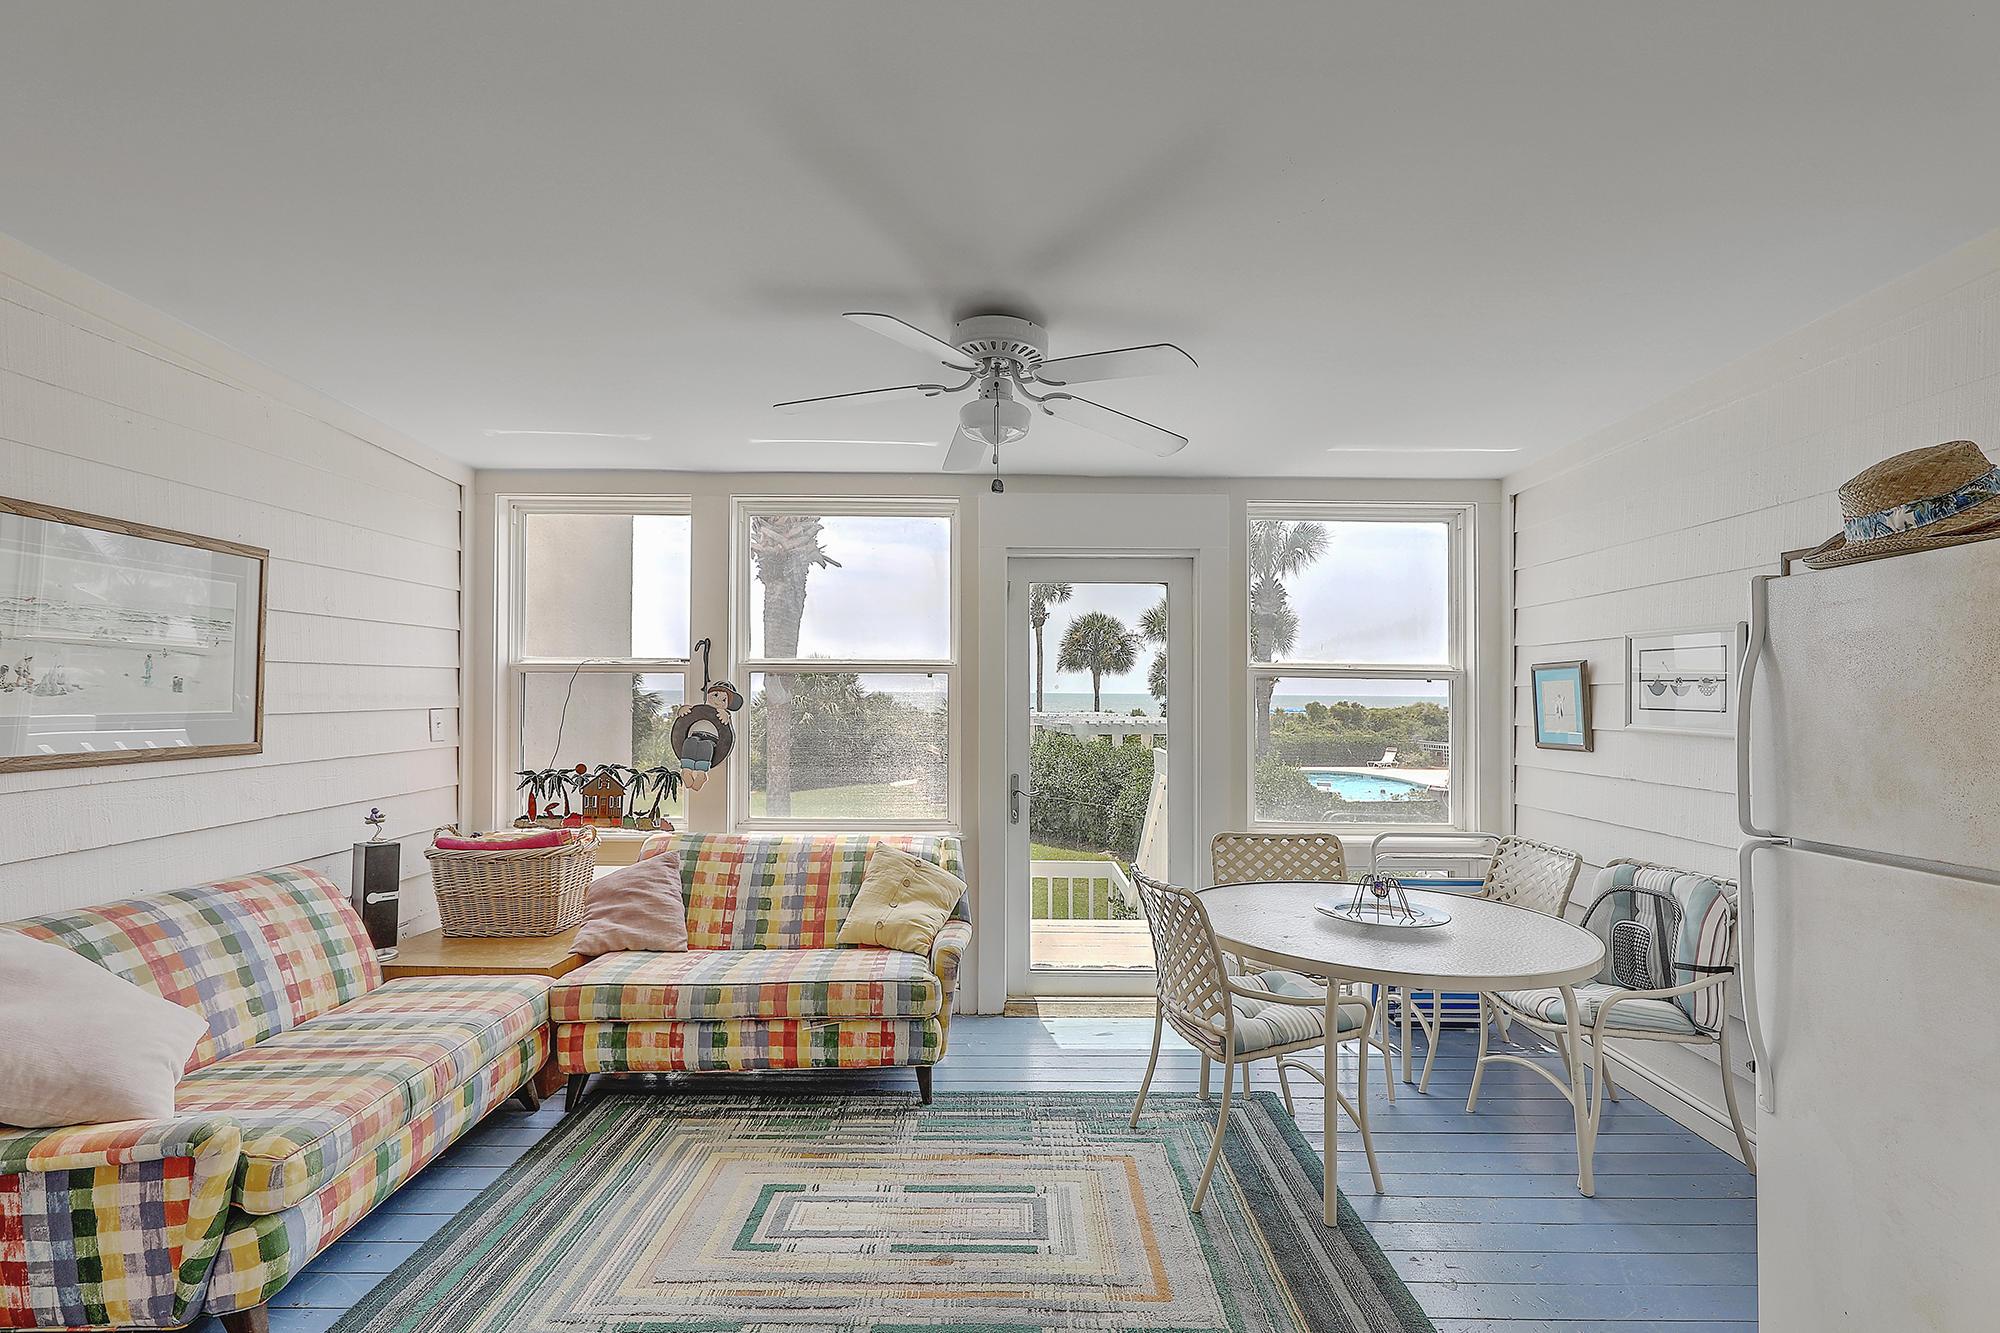 Beach Club Villas Homes For Sale - 15 Beach Club Villas, Isle of Palms, SC - 20